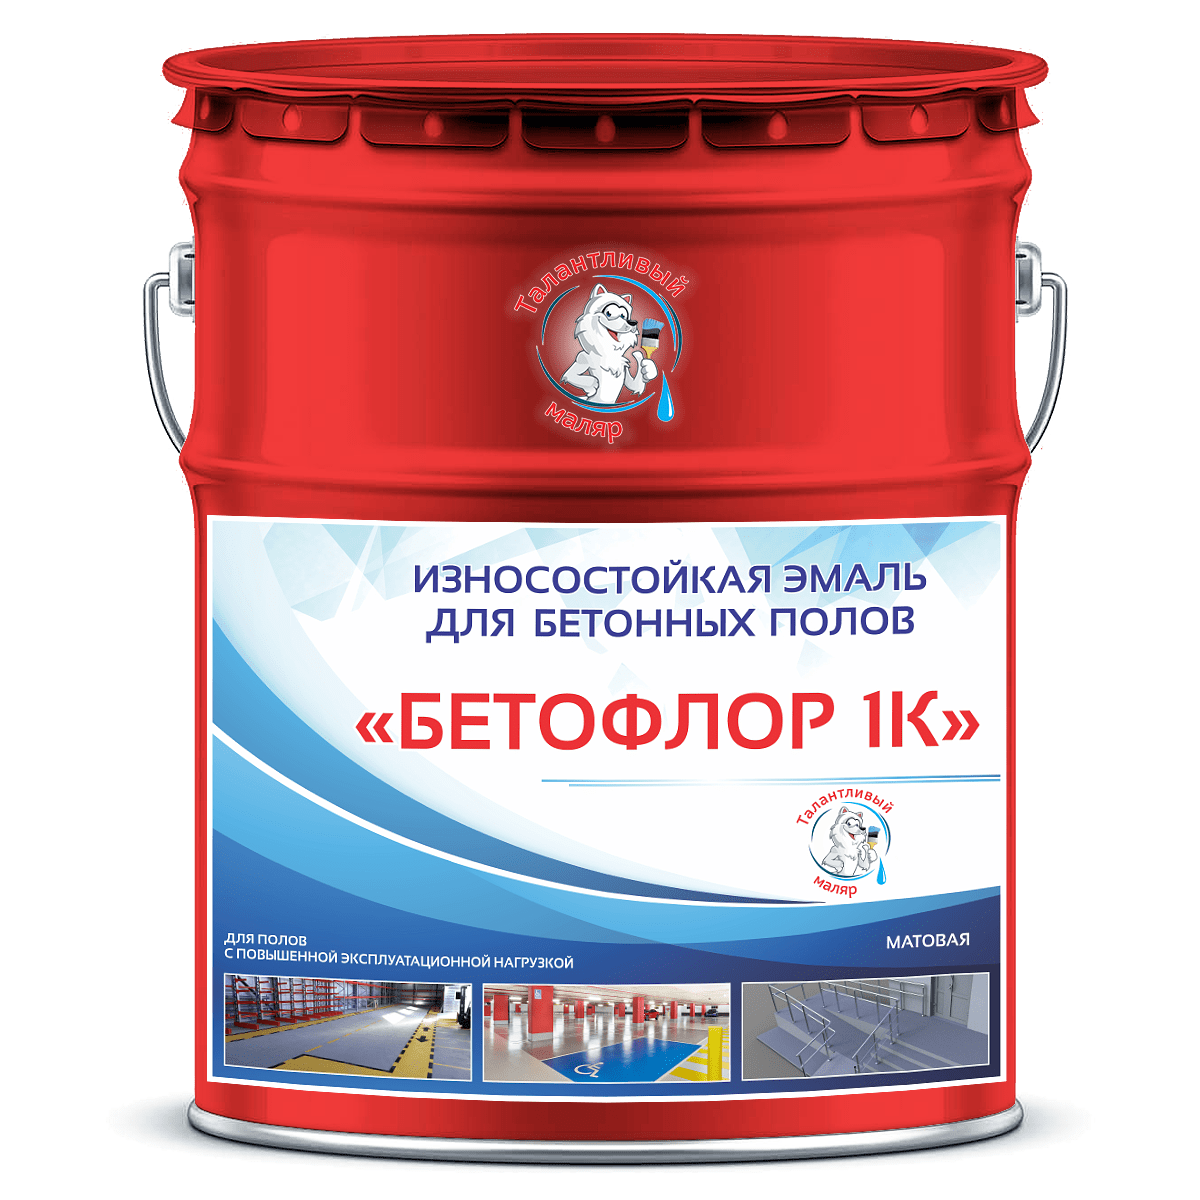 """Фото 11 - BF3028 Эмаль для бетонных полов """"Бетофлор"""" 1К цвет RAL 3028 Красный, матовая износостойкая, 25 кг """"Талантливый Маляр""""."""